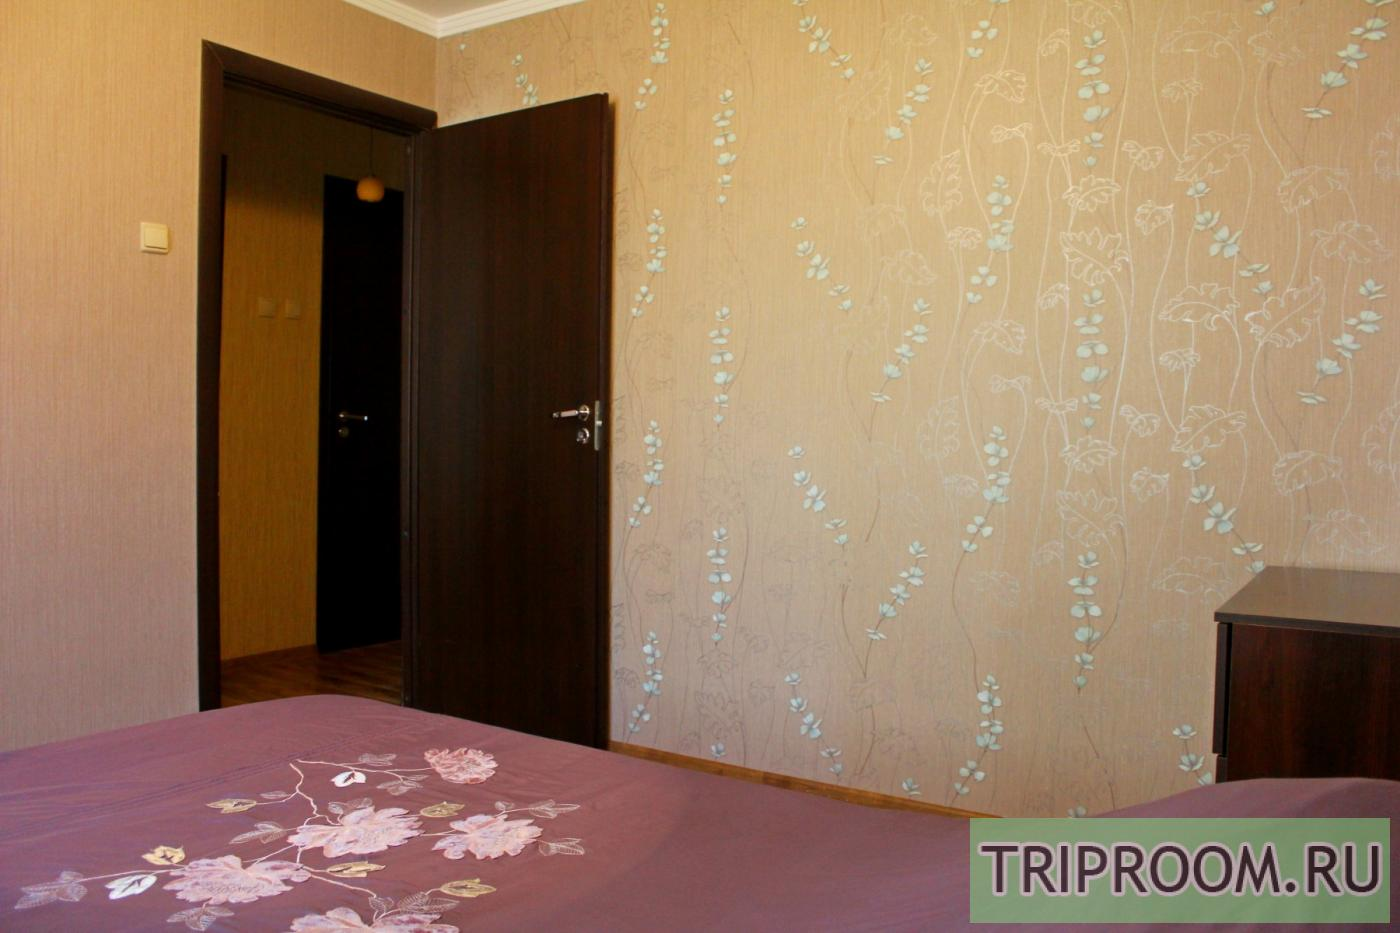 2-комнатная квартира посуточно (вариант № 35123), ул. Красина улица, фото № 8